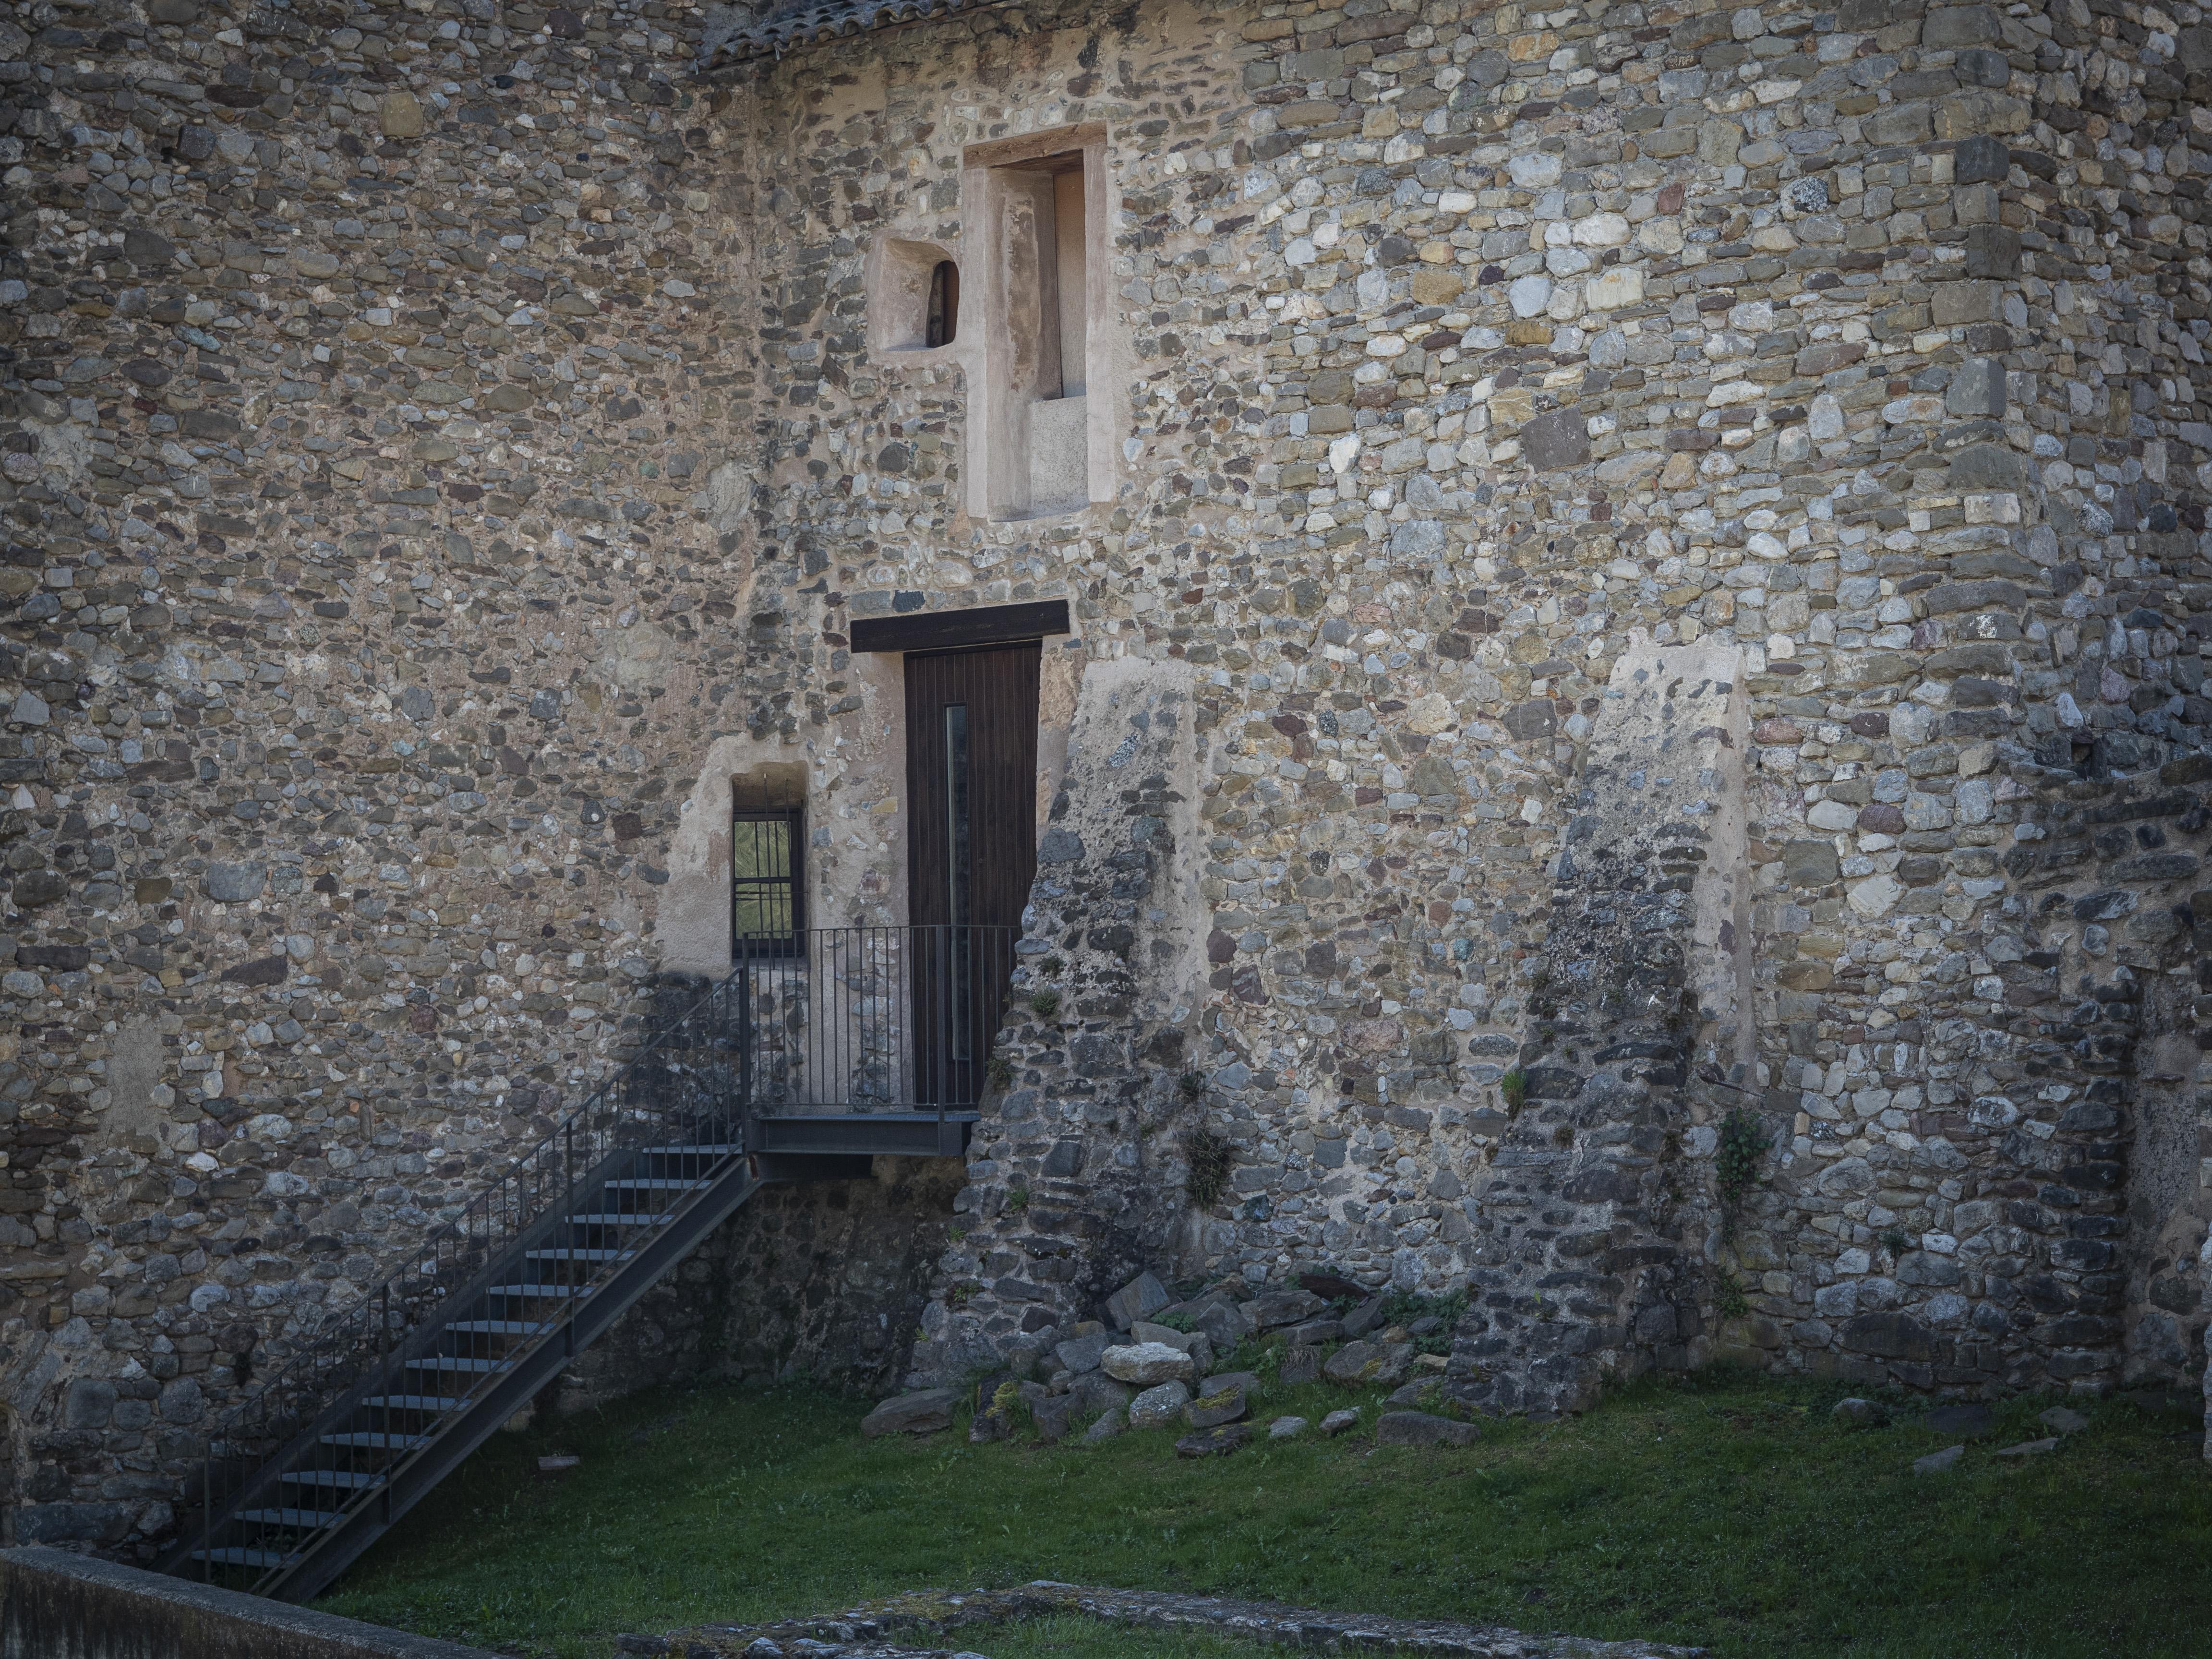 Bagà, una vila medieval 12. FOTO: Anna E. Puig